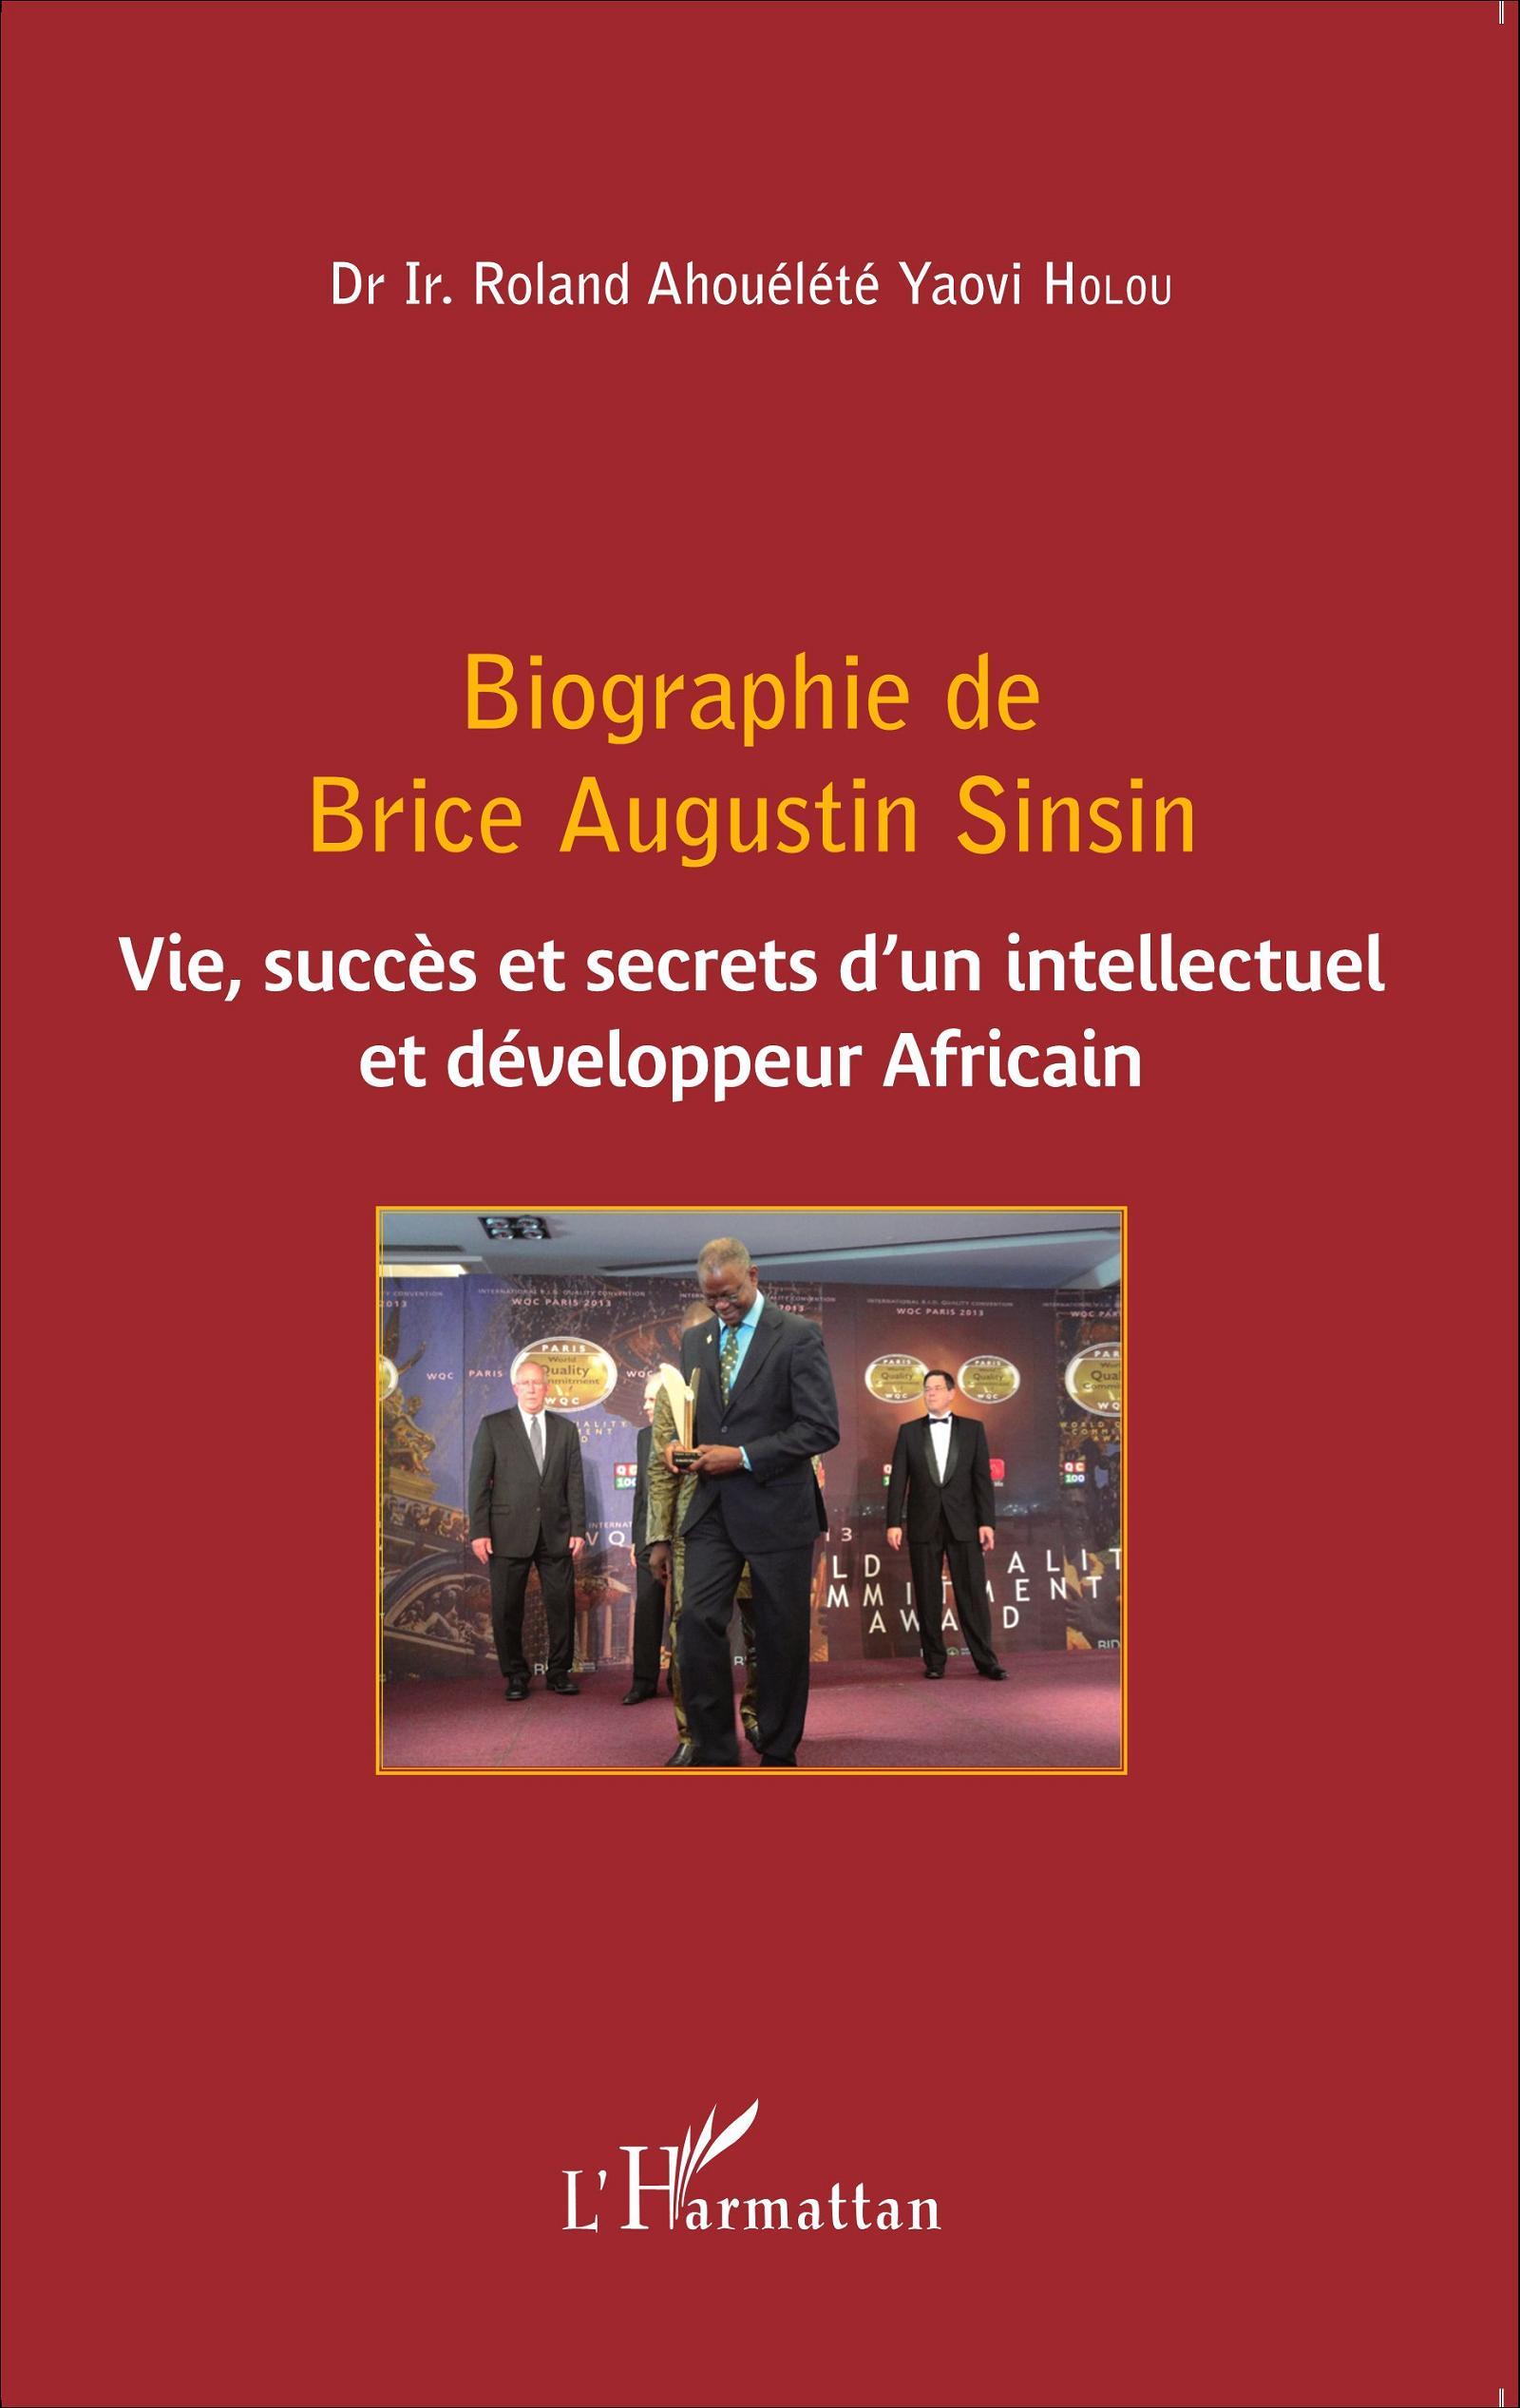 Holou R.A.Y., 2015. Biographie de Brice Augustin Sinsin : Vie, succès, et secrets d'un intellectuel et développeur Africain. Éditions l'Harmattan. ISBN 978-2-343-06478-9. Paris, France. 300 pages.